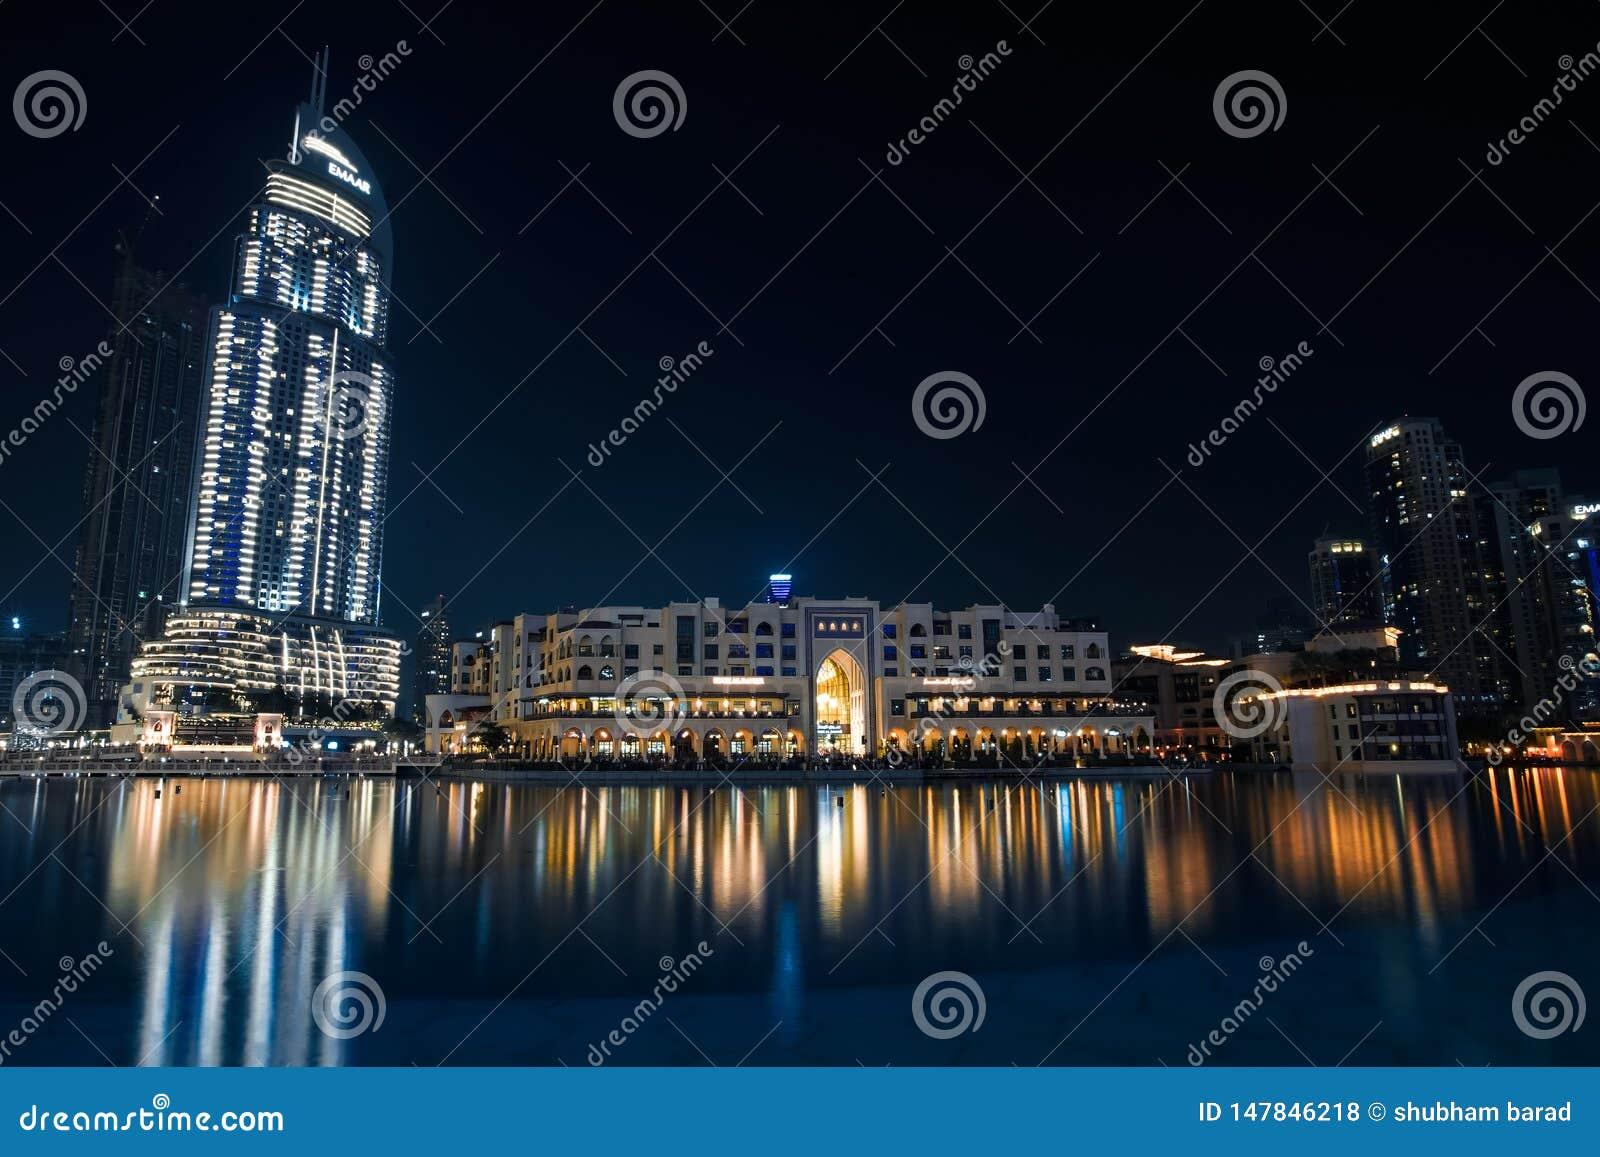 夜生活摄影travelin世界迪拜购物中心